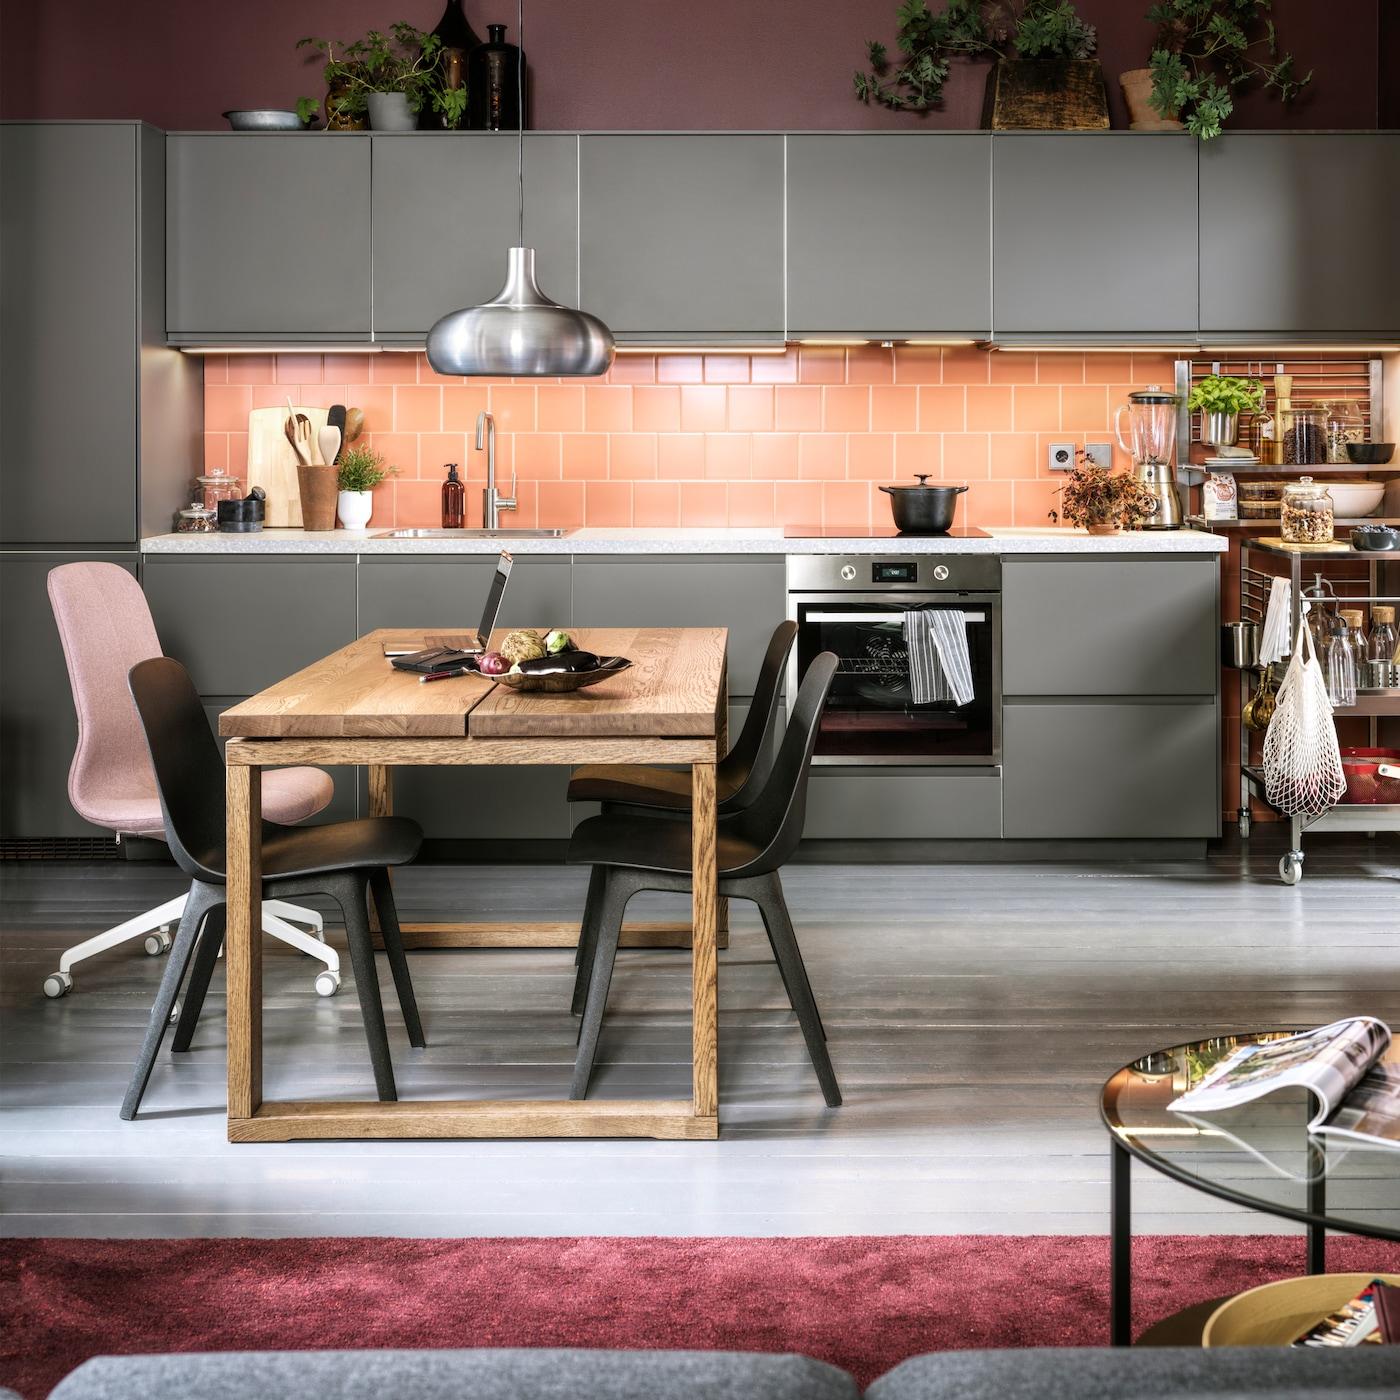 ピンクタイルにダークグレー フロントのキッチン。チャコールのチェア、オーク材突き板のダイニングテーブル、VÄXJÖ/ヴェクショー ペンダントランプ。